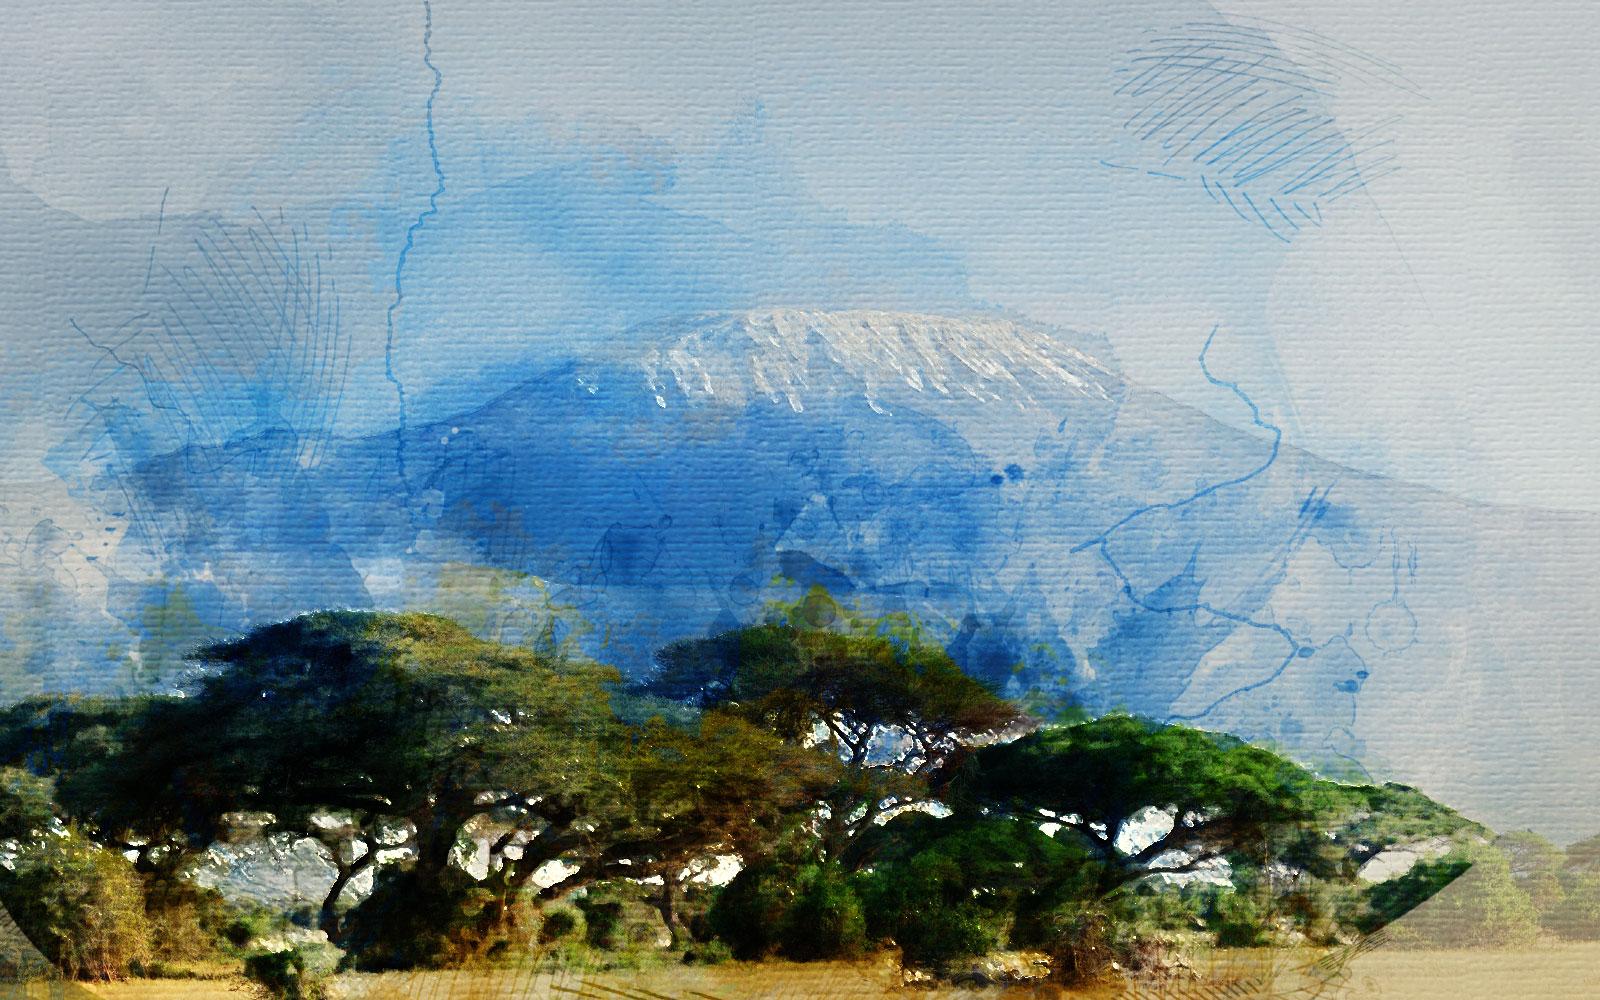 Viaje en grupo al Kilimanjaro